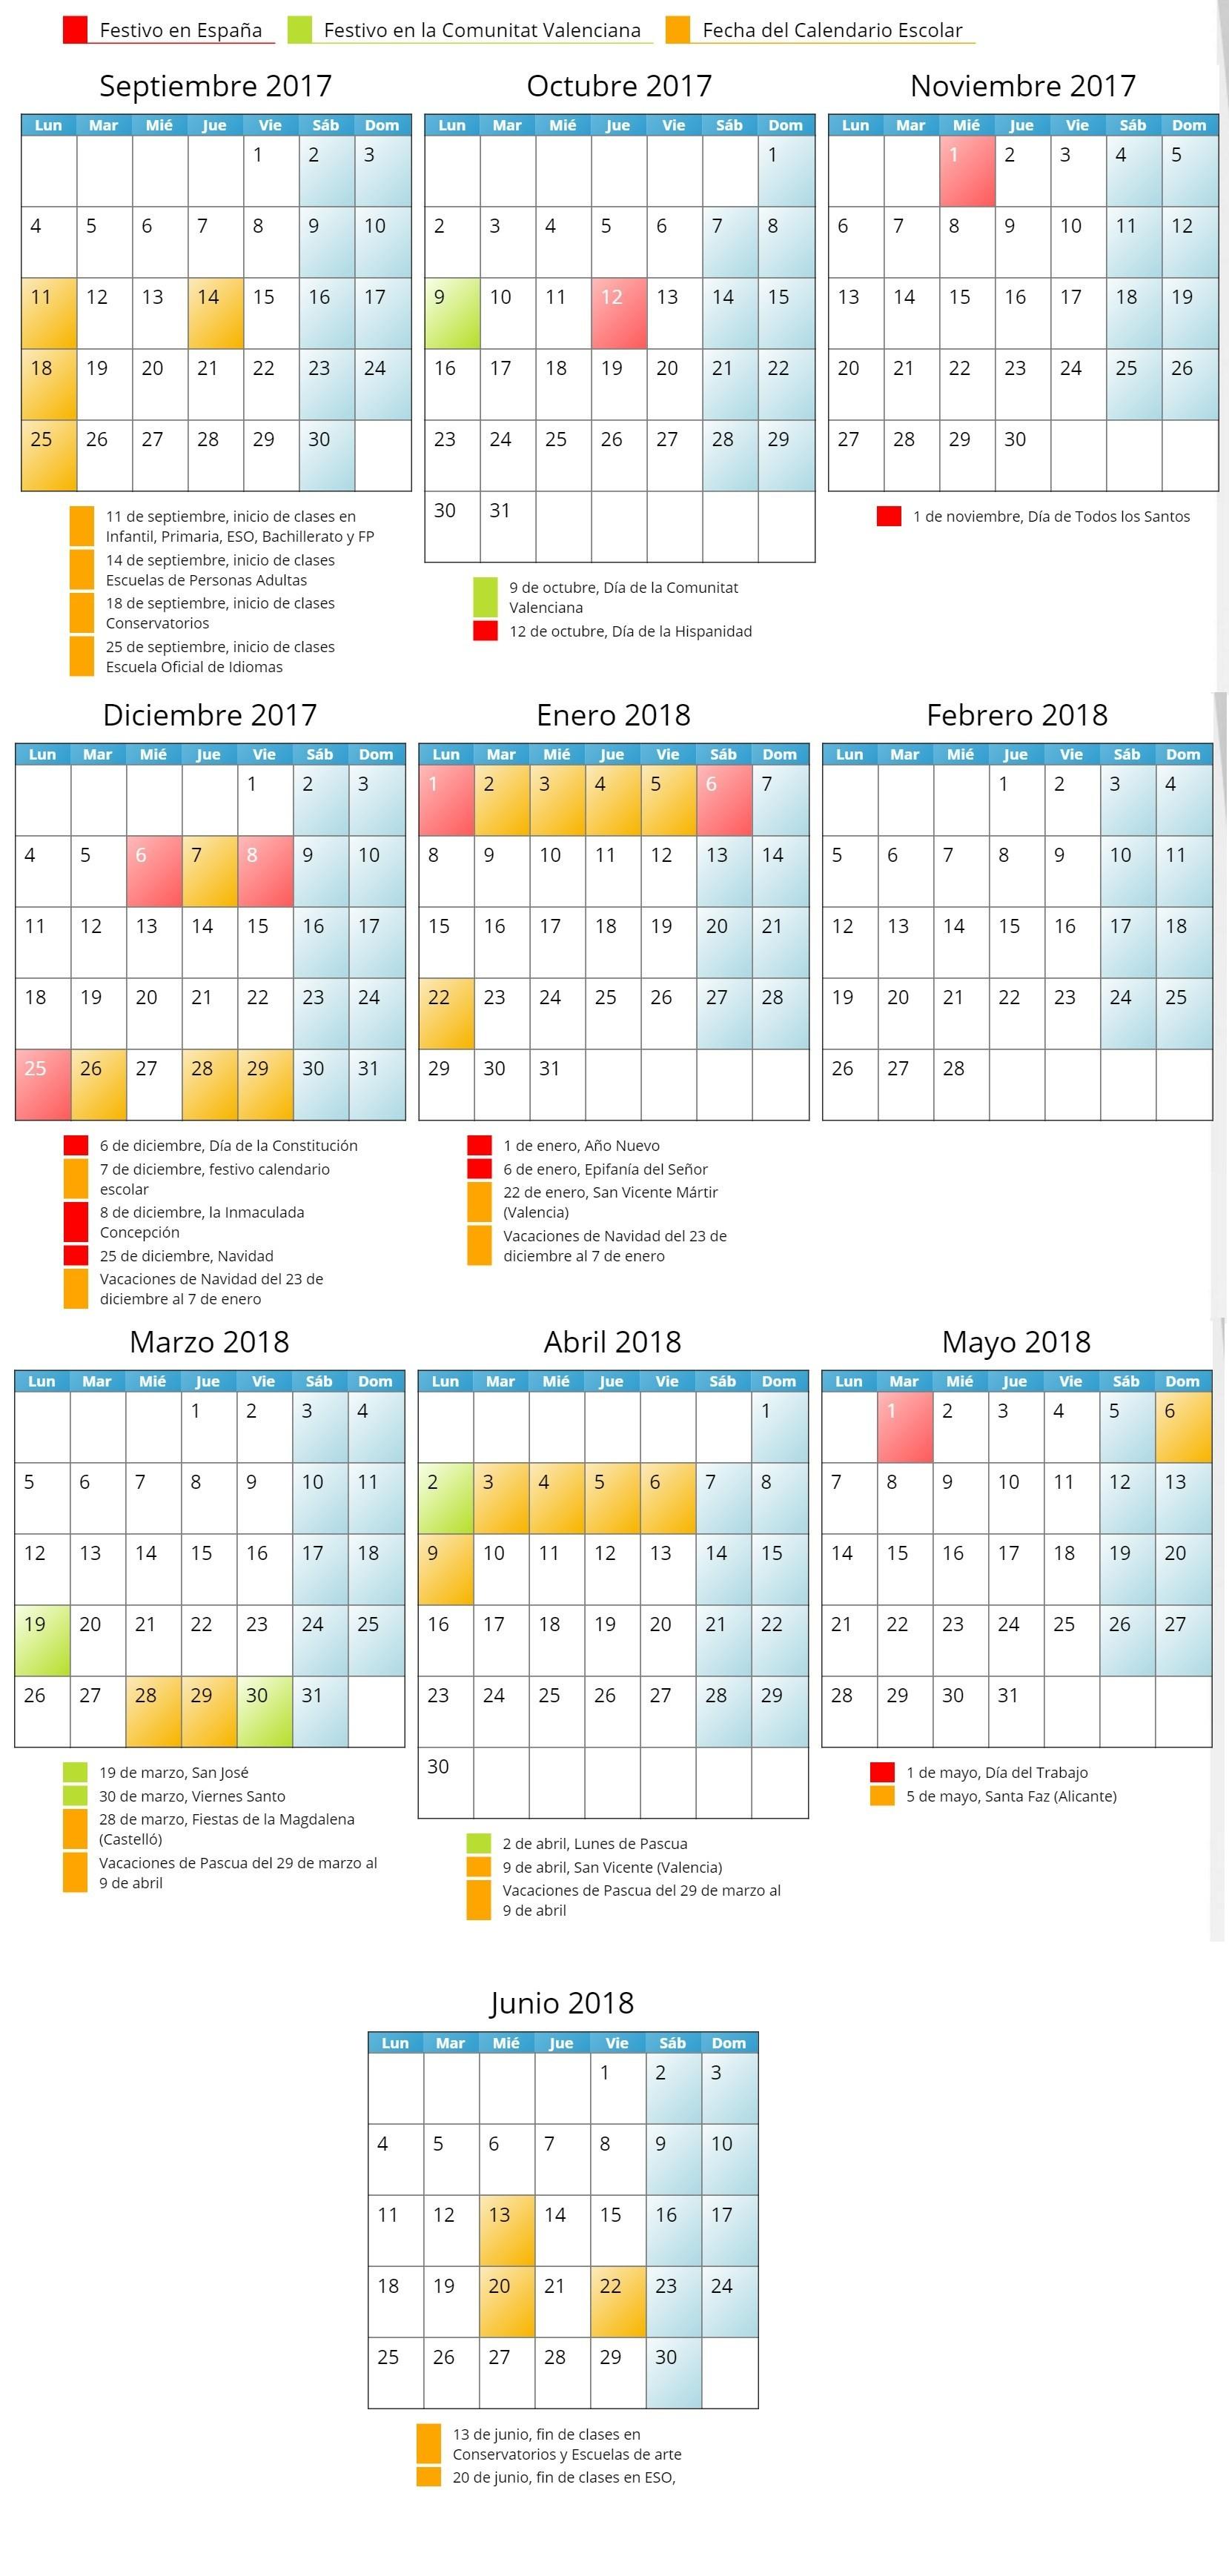 Calendario 2019 Con Festivos Comunidad Valenciana Más Recientes Calendario Escolar 2017 2018 En La Unitat Valenciana Of Calendario 2019 Con Festivos Comunidad Valenciana Más Recientes Calendario Escolar 2018 2019 Más De 100 Plantillas E Imágenes Para